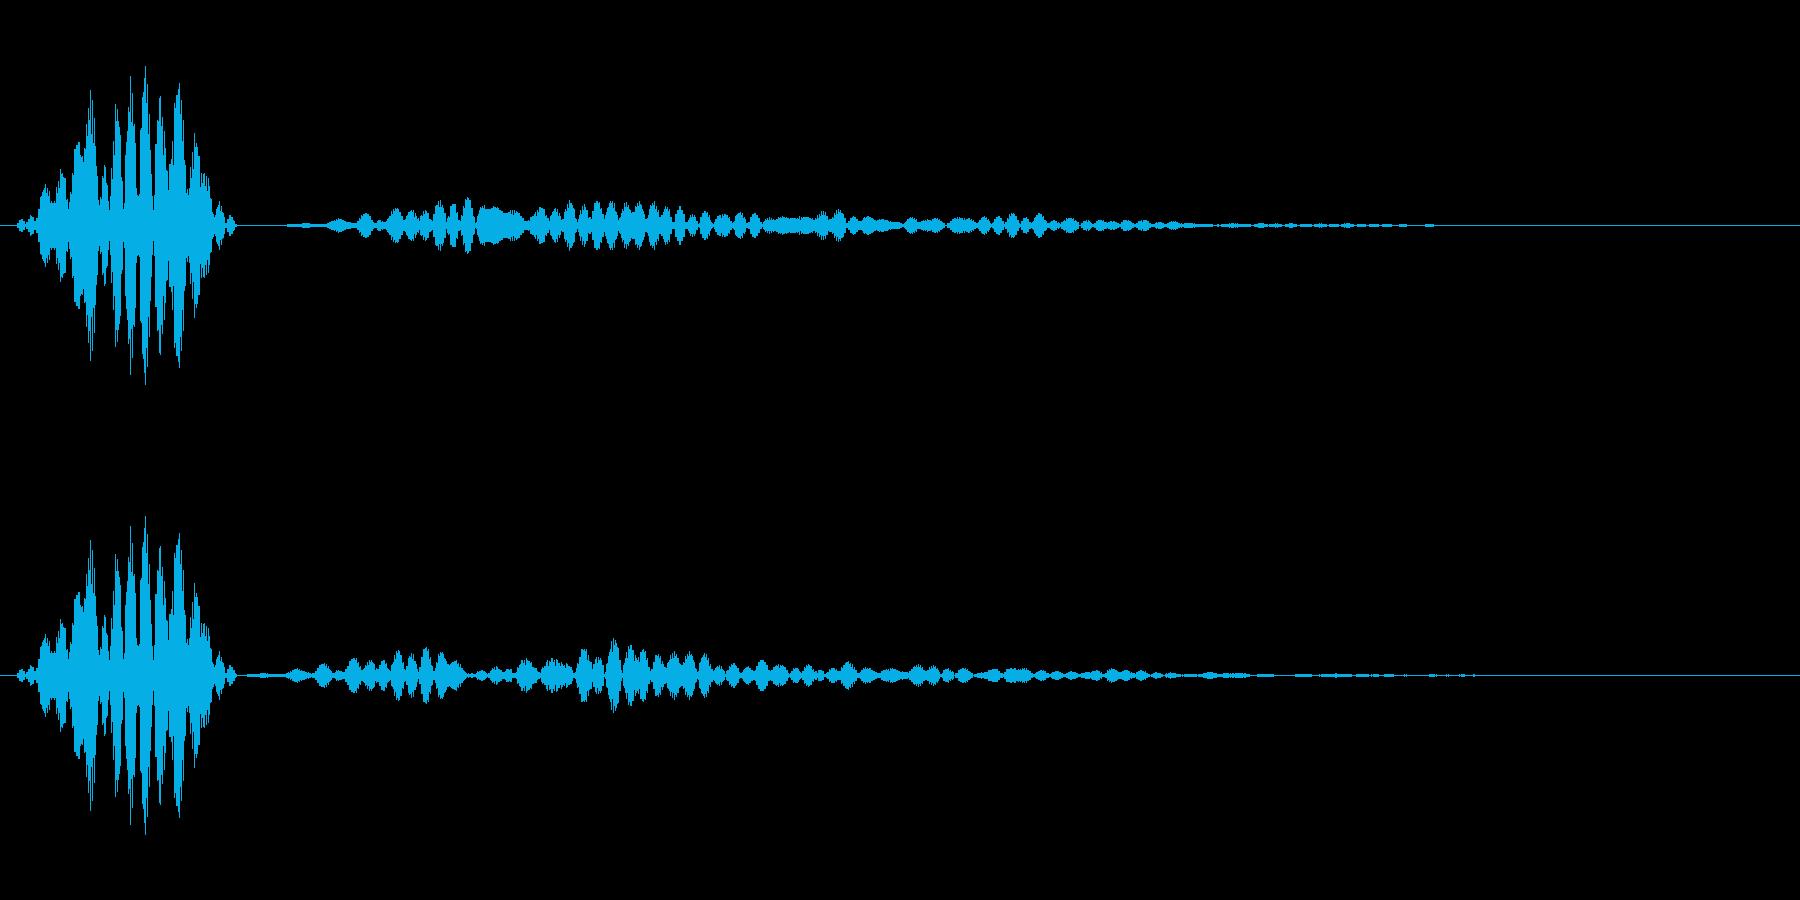 シンプルなキャンセル音1の再生済みの波形